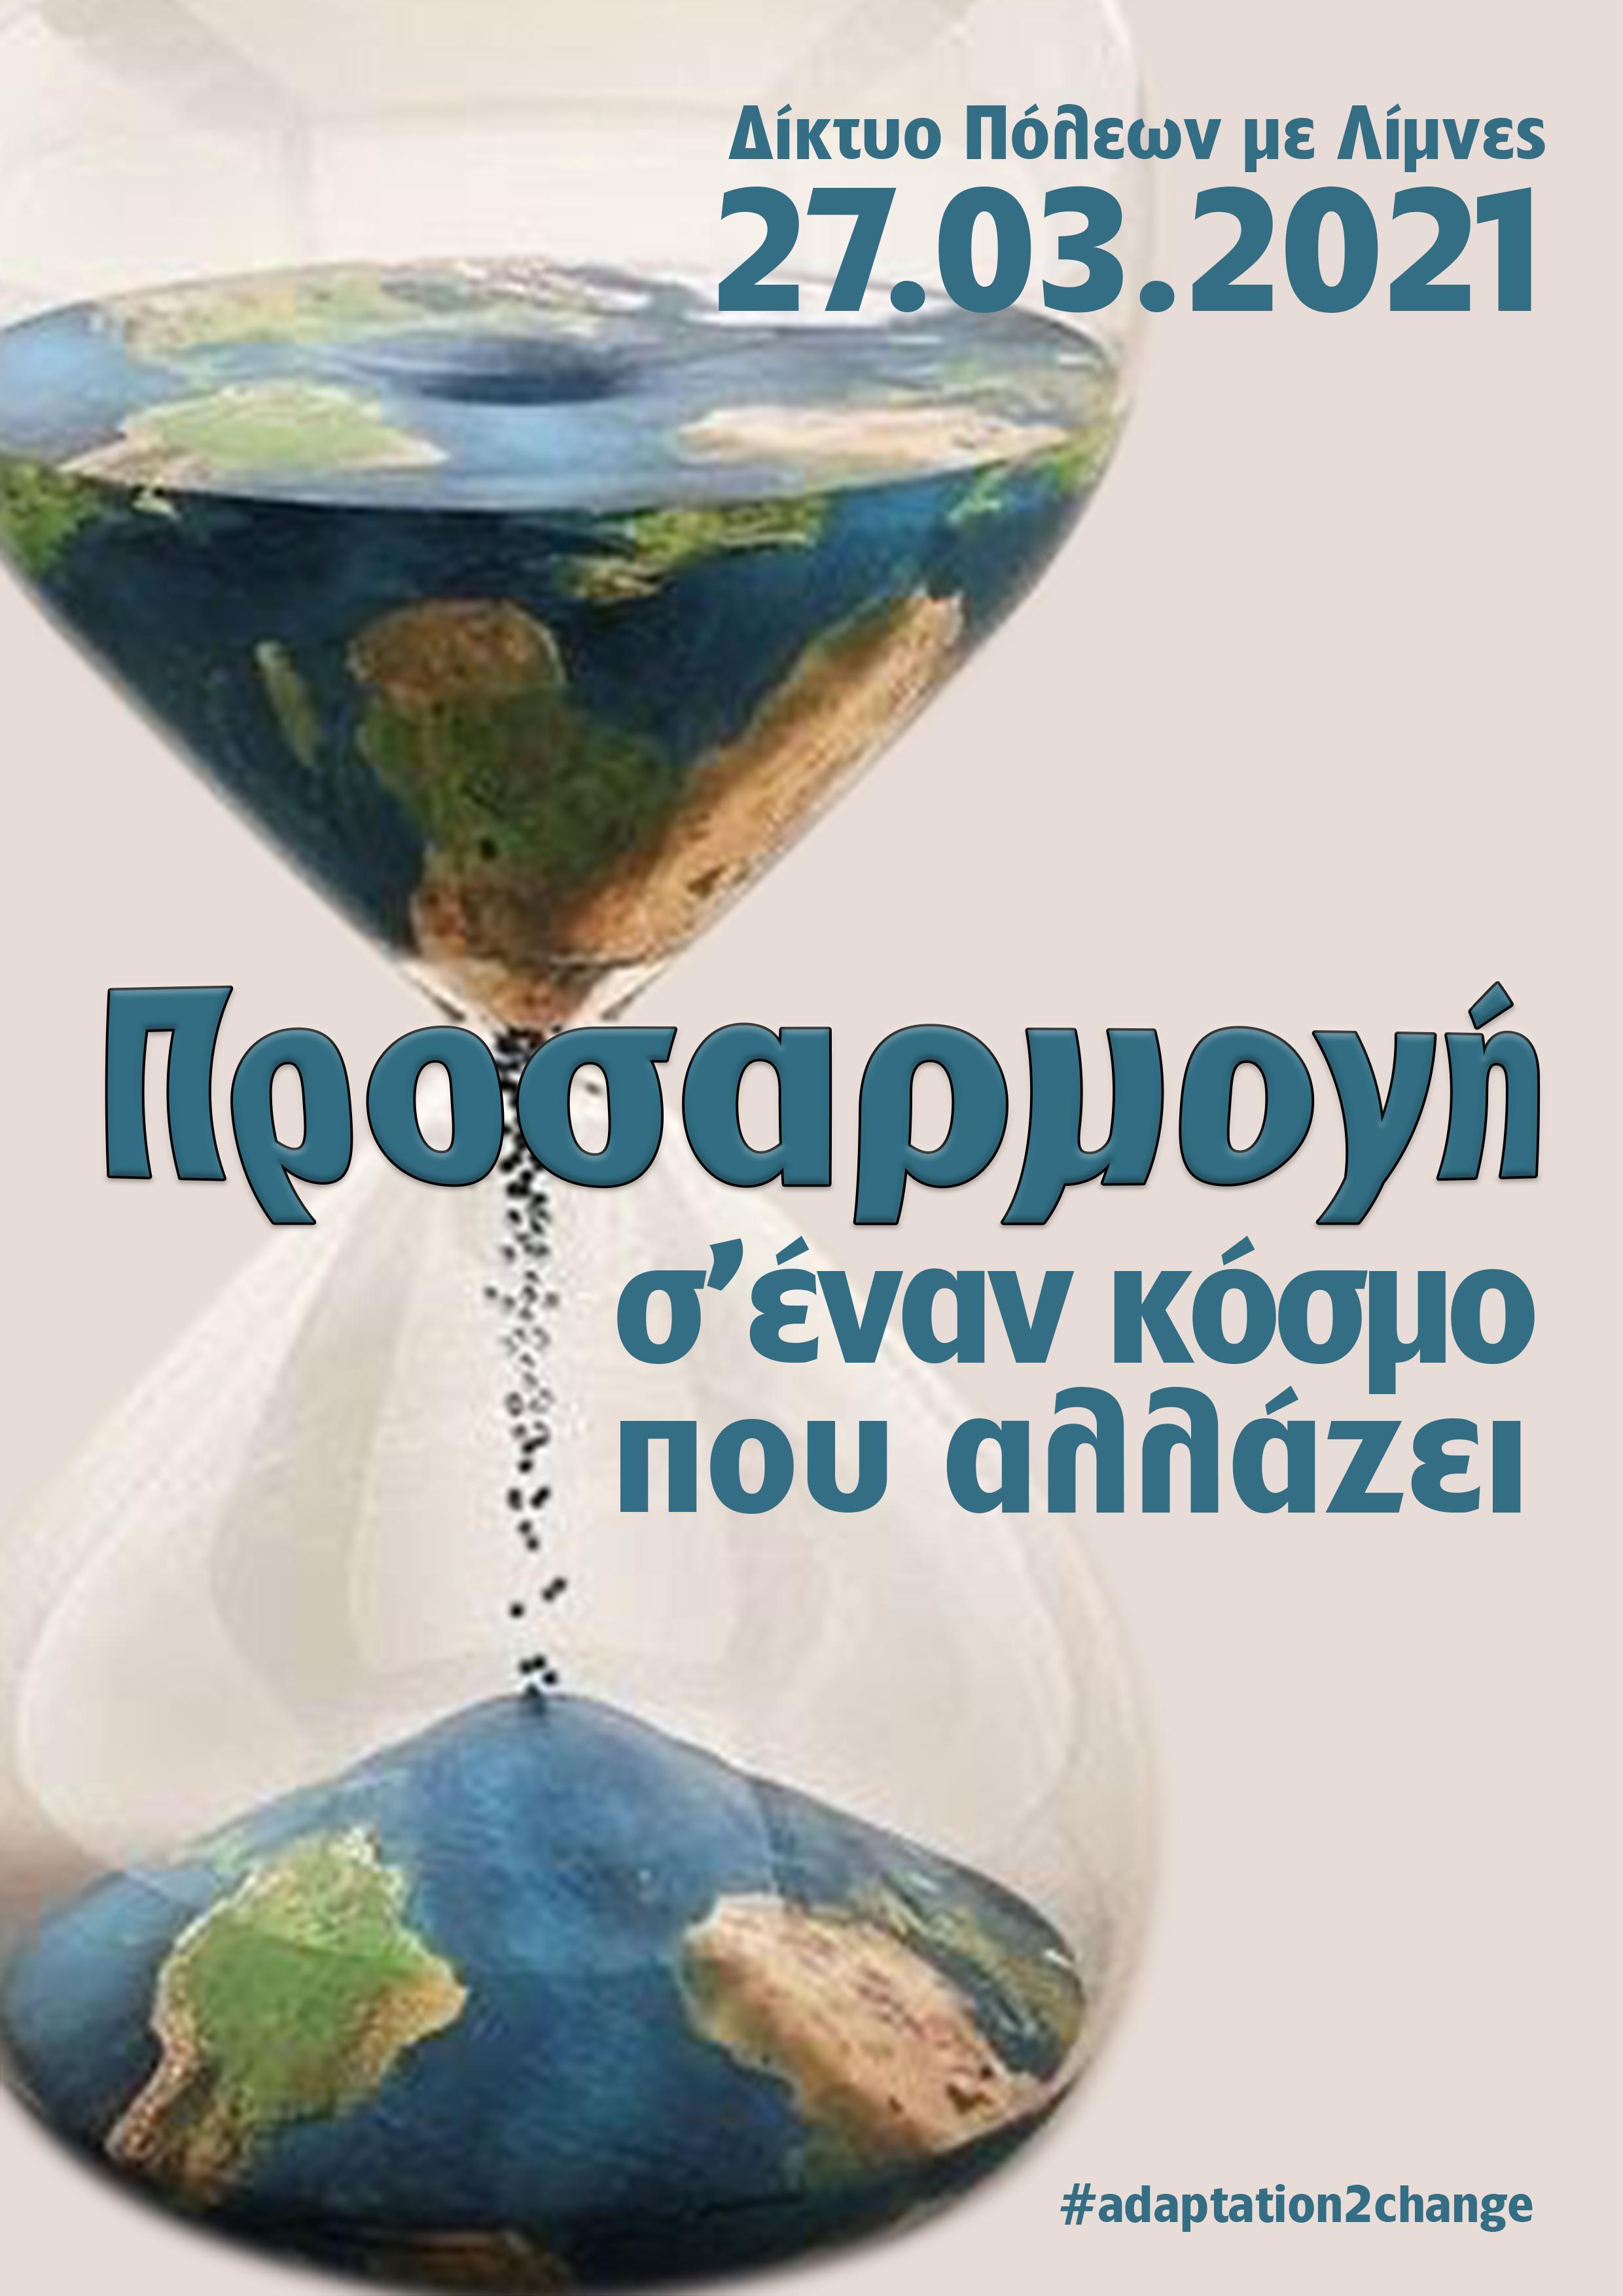 ΑΦΙΣΑ ΓΕΝΙΚΗ ΣΥΝΕΛΕΥΣΗ 27.03.2021